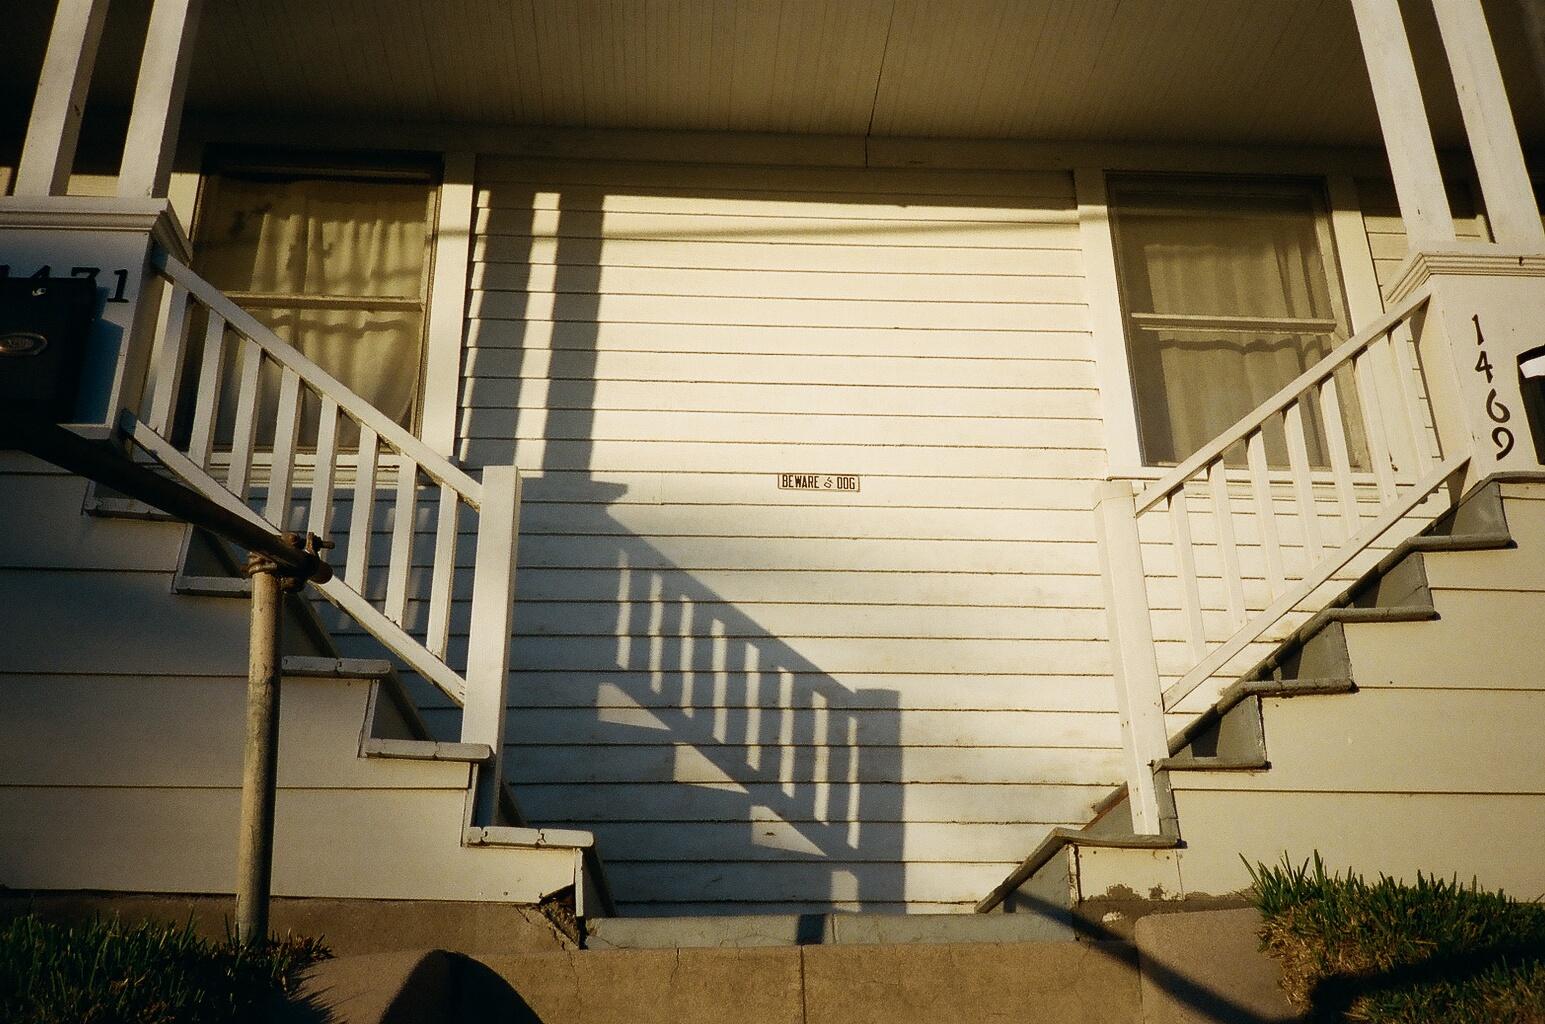 Echo Park, Los Angeles County, California